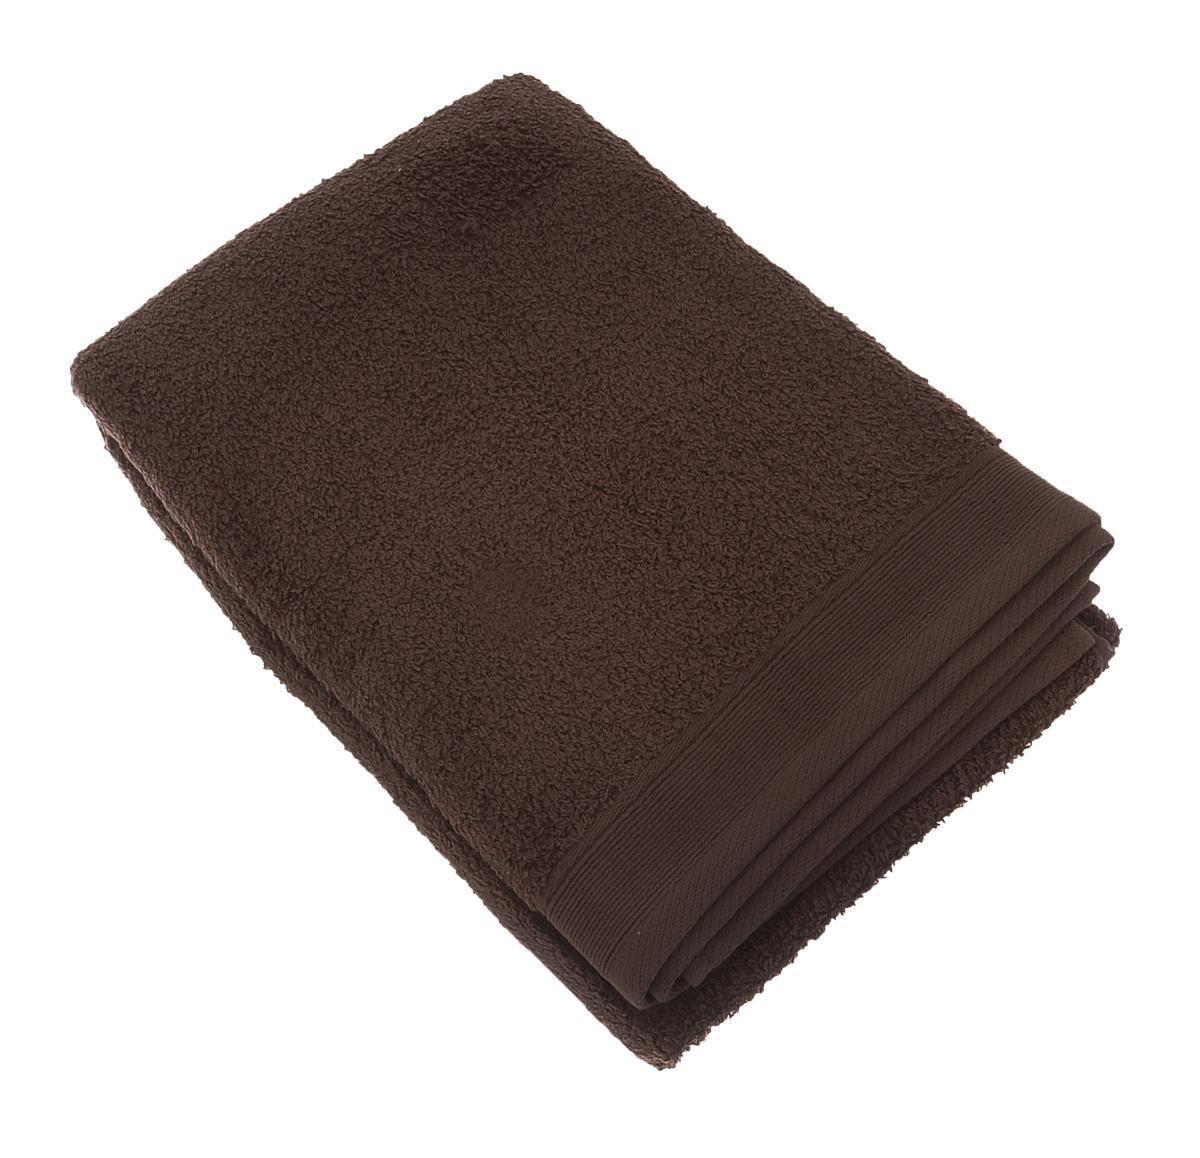 Полотенце махровое Guten Morgen, цвет: какао, 70 см х 140 см10503Махровое полотенце Guten Morgen, изготовленное из натурального хлопка, прекрасно впитывает влагу и быстро сохнет. Высокая плотность ткани делает полотенце мягкими, прочными и пушистыми. При соблюдении рекомендаций по уходу изделие сохраняет яркость цвета и не теряет форму даже после многократных стирок. Махровое полотенце Guten Morgen станет достойным выбором для вас и приятным подарком для ваших близких. Мягкость и высокое качество материала, из которого изготовлено полотенце, не оставит вас равнодушными.